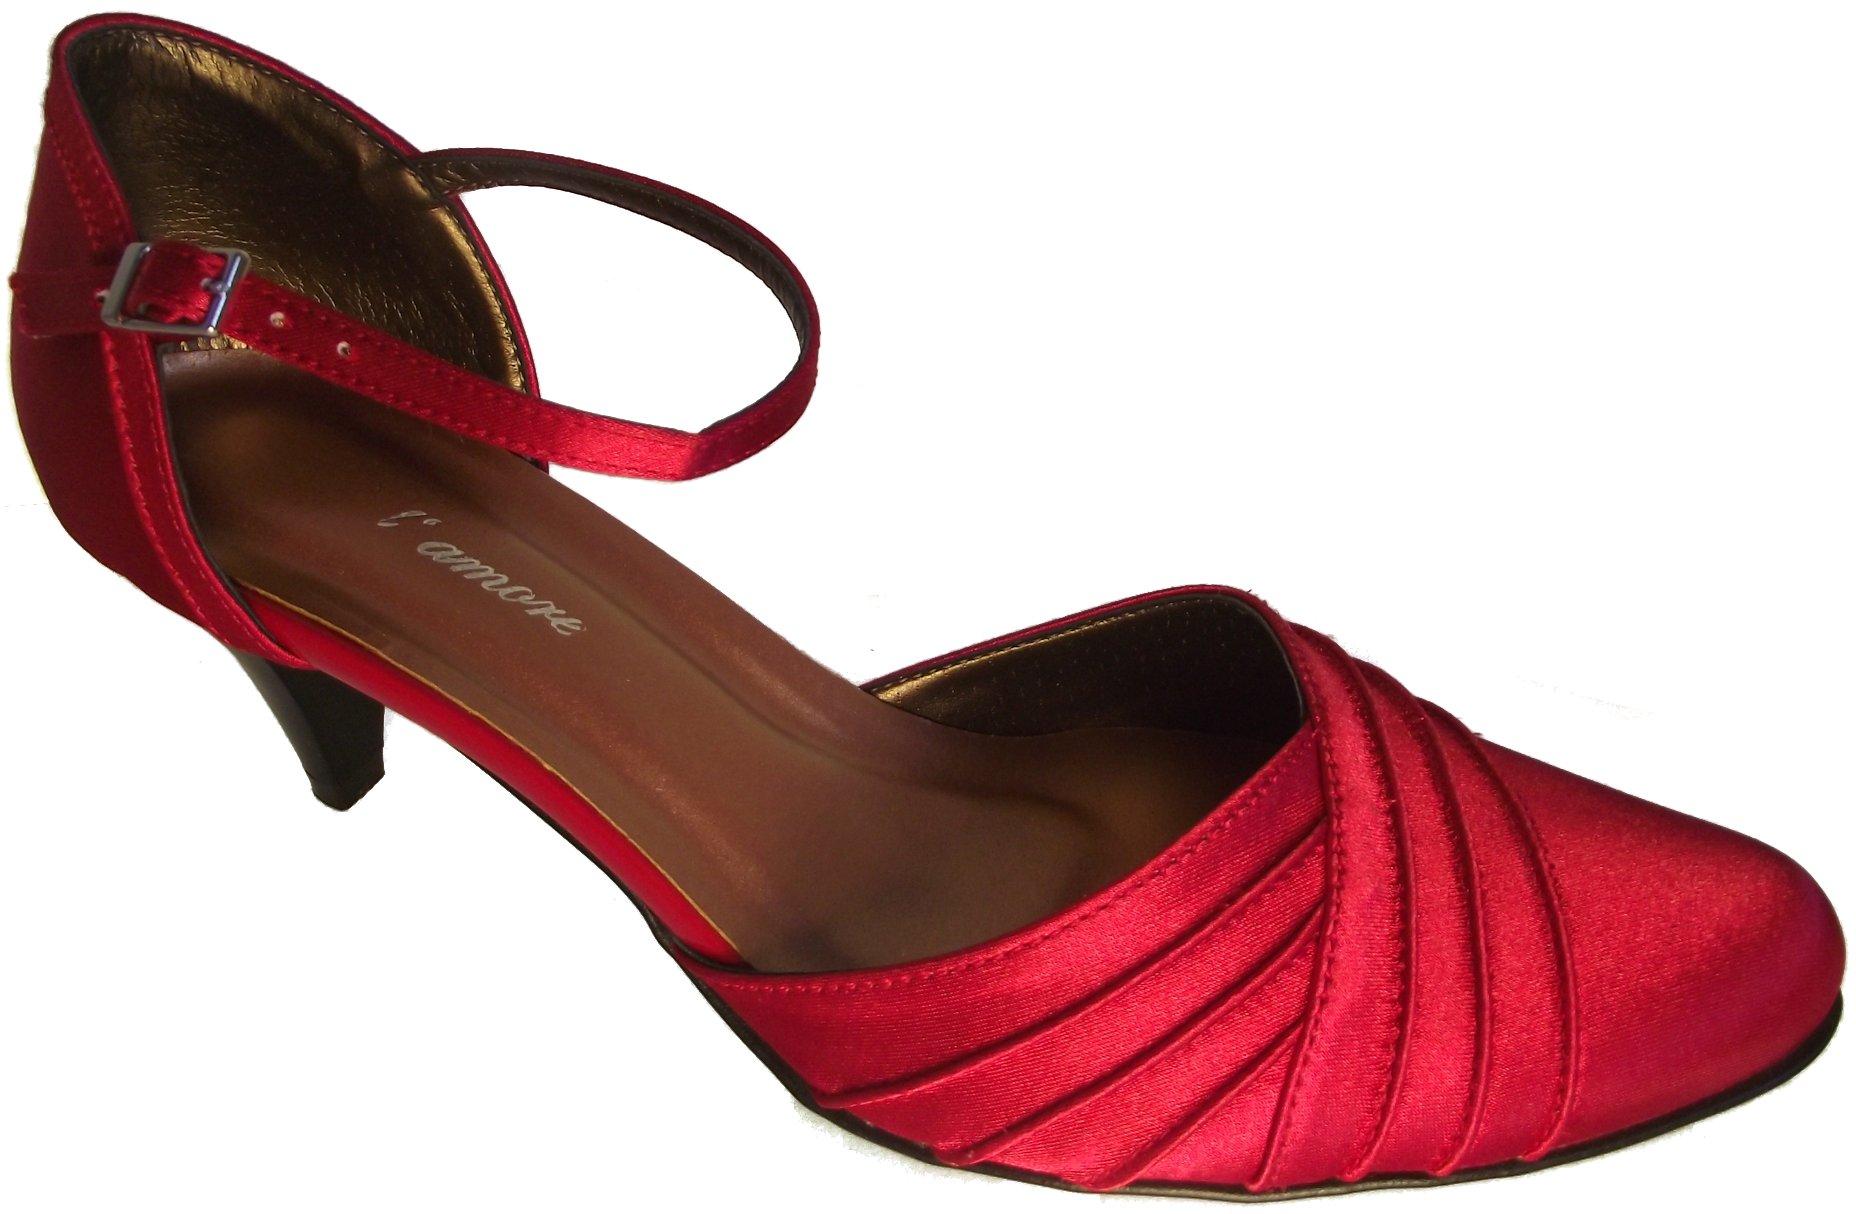 Dámská společenská obuv NES 2525 červená Velikost: 38 (EU)